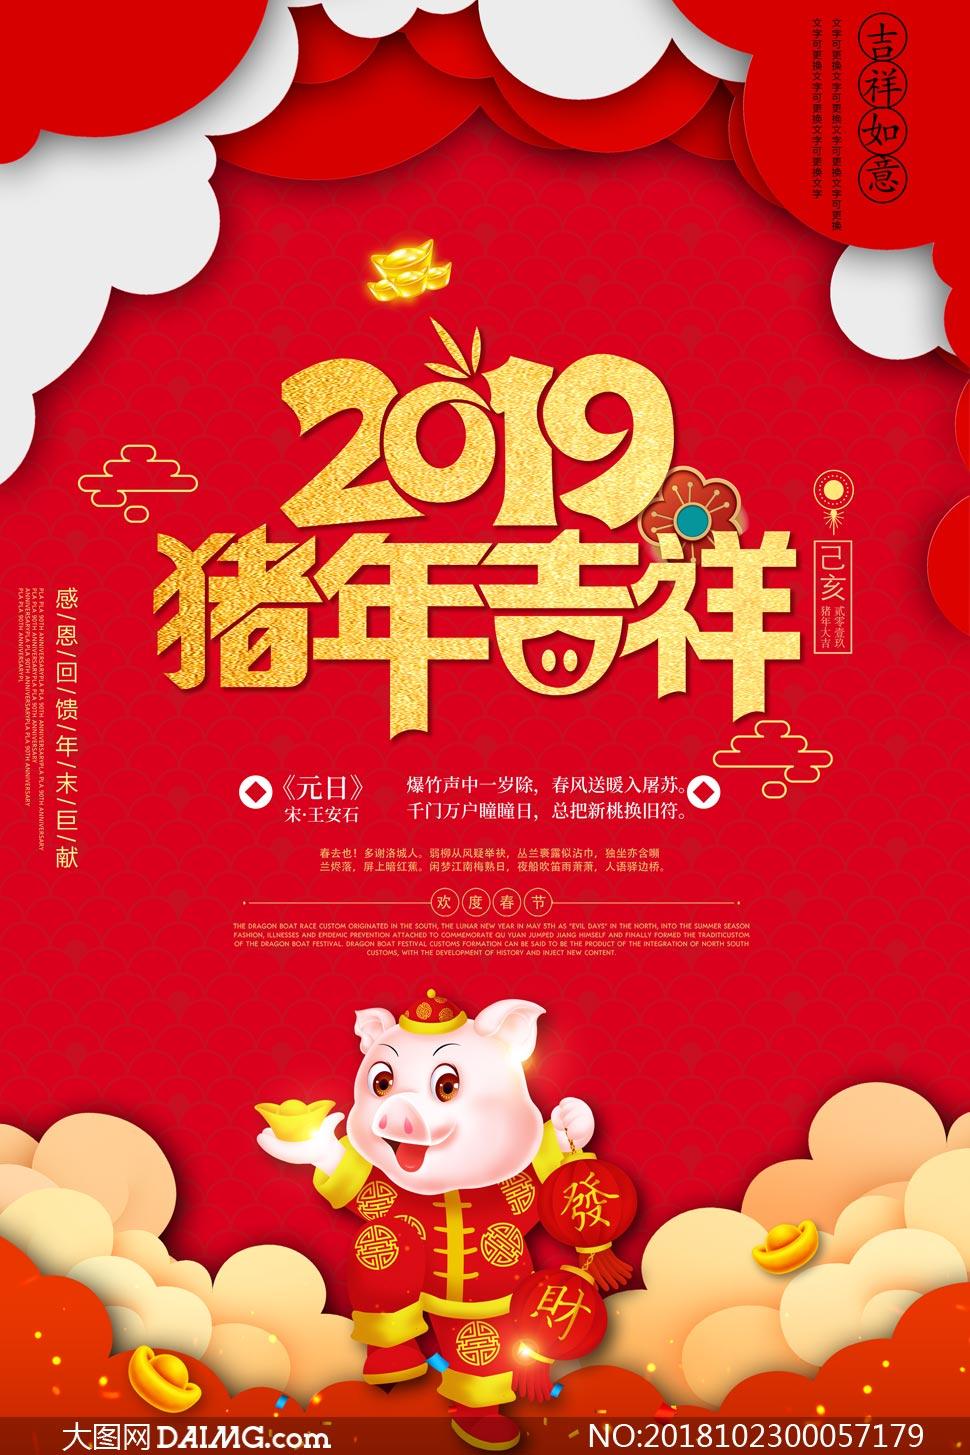 2019猪年吉祥宣传单设计psd素材